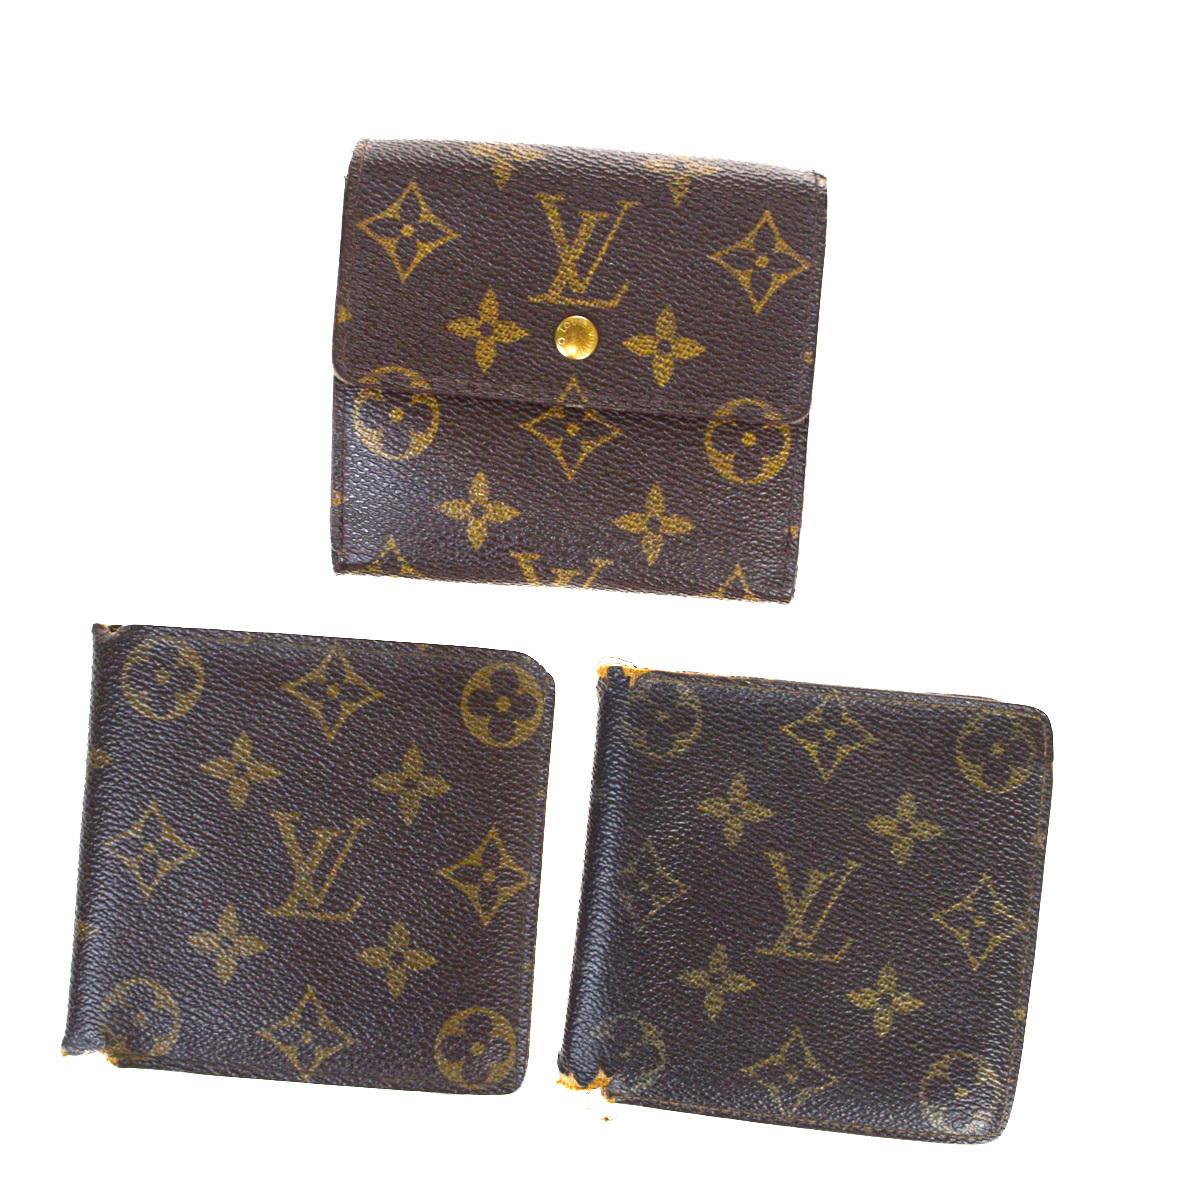 【中古】 ルイ・ヴィトン(Louis Vuitton) モノグラム 3セット レザー 財布(二つ折り) ブラウン 07FA966